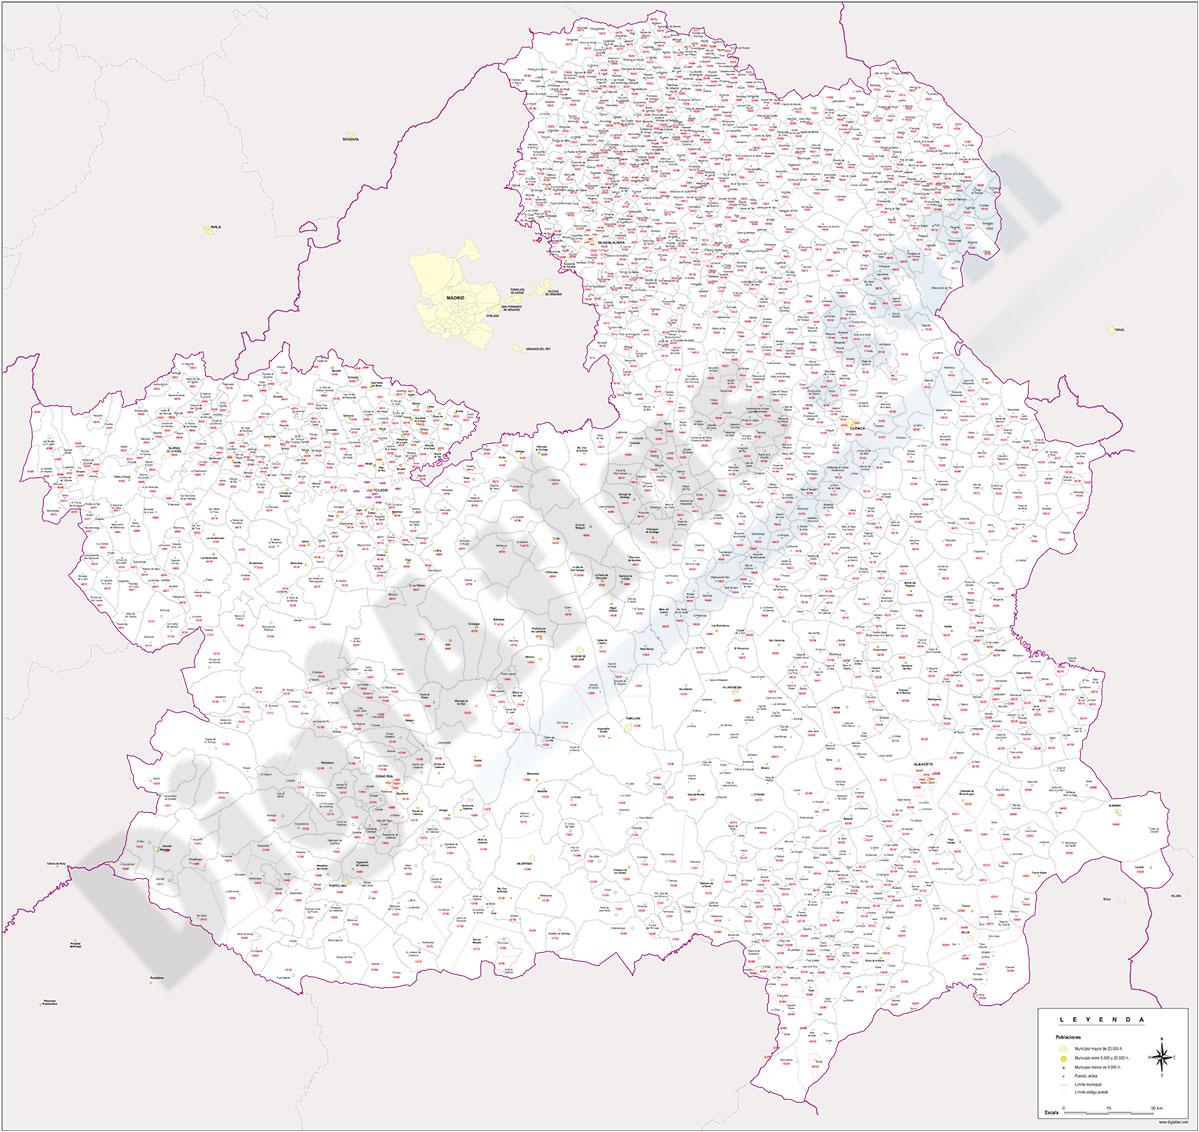 Castilla La Mancha - Mapa de códigos postales y municipios